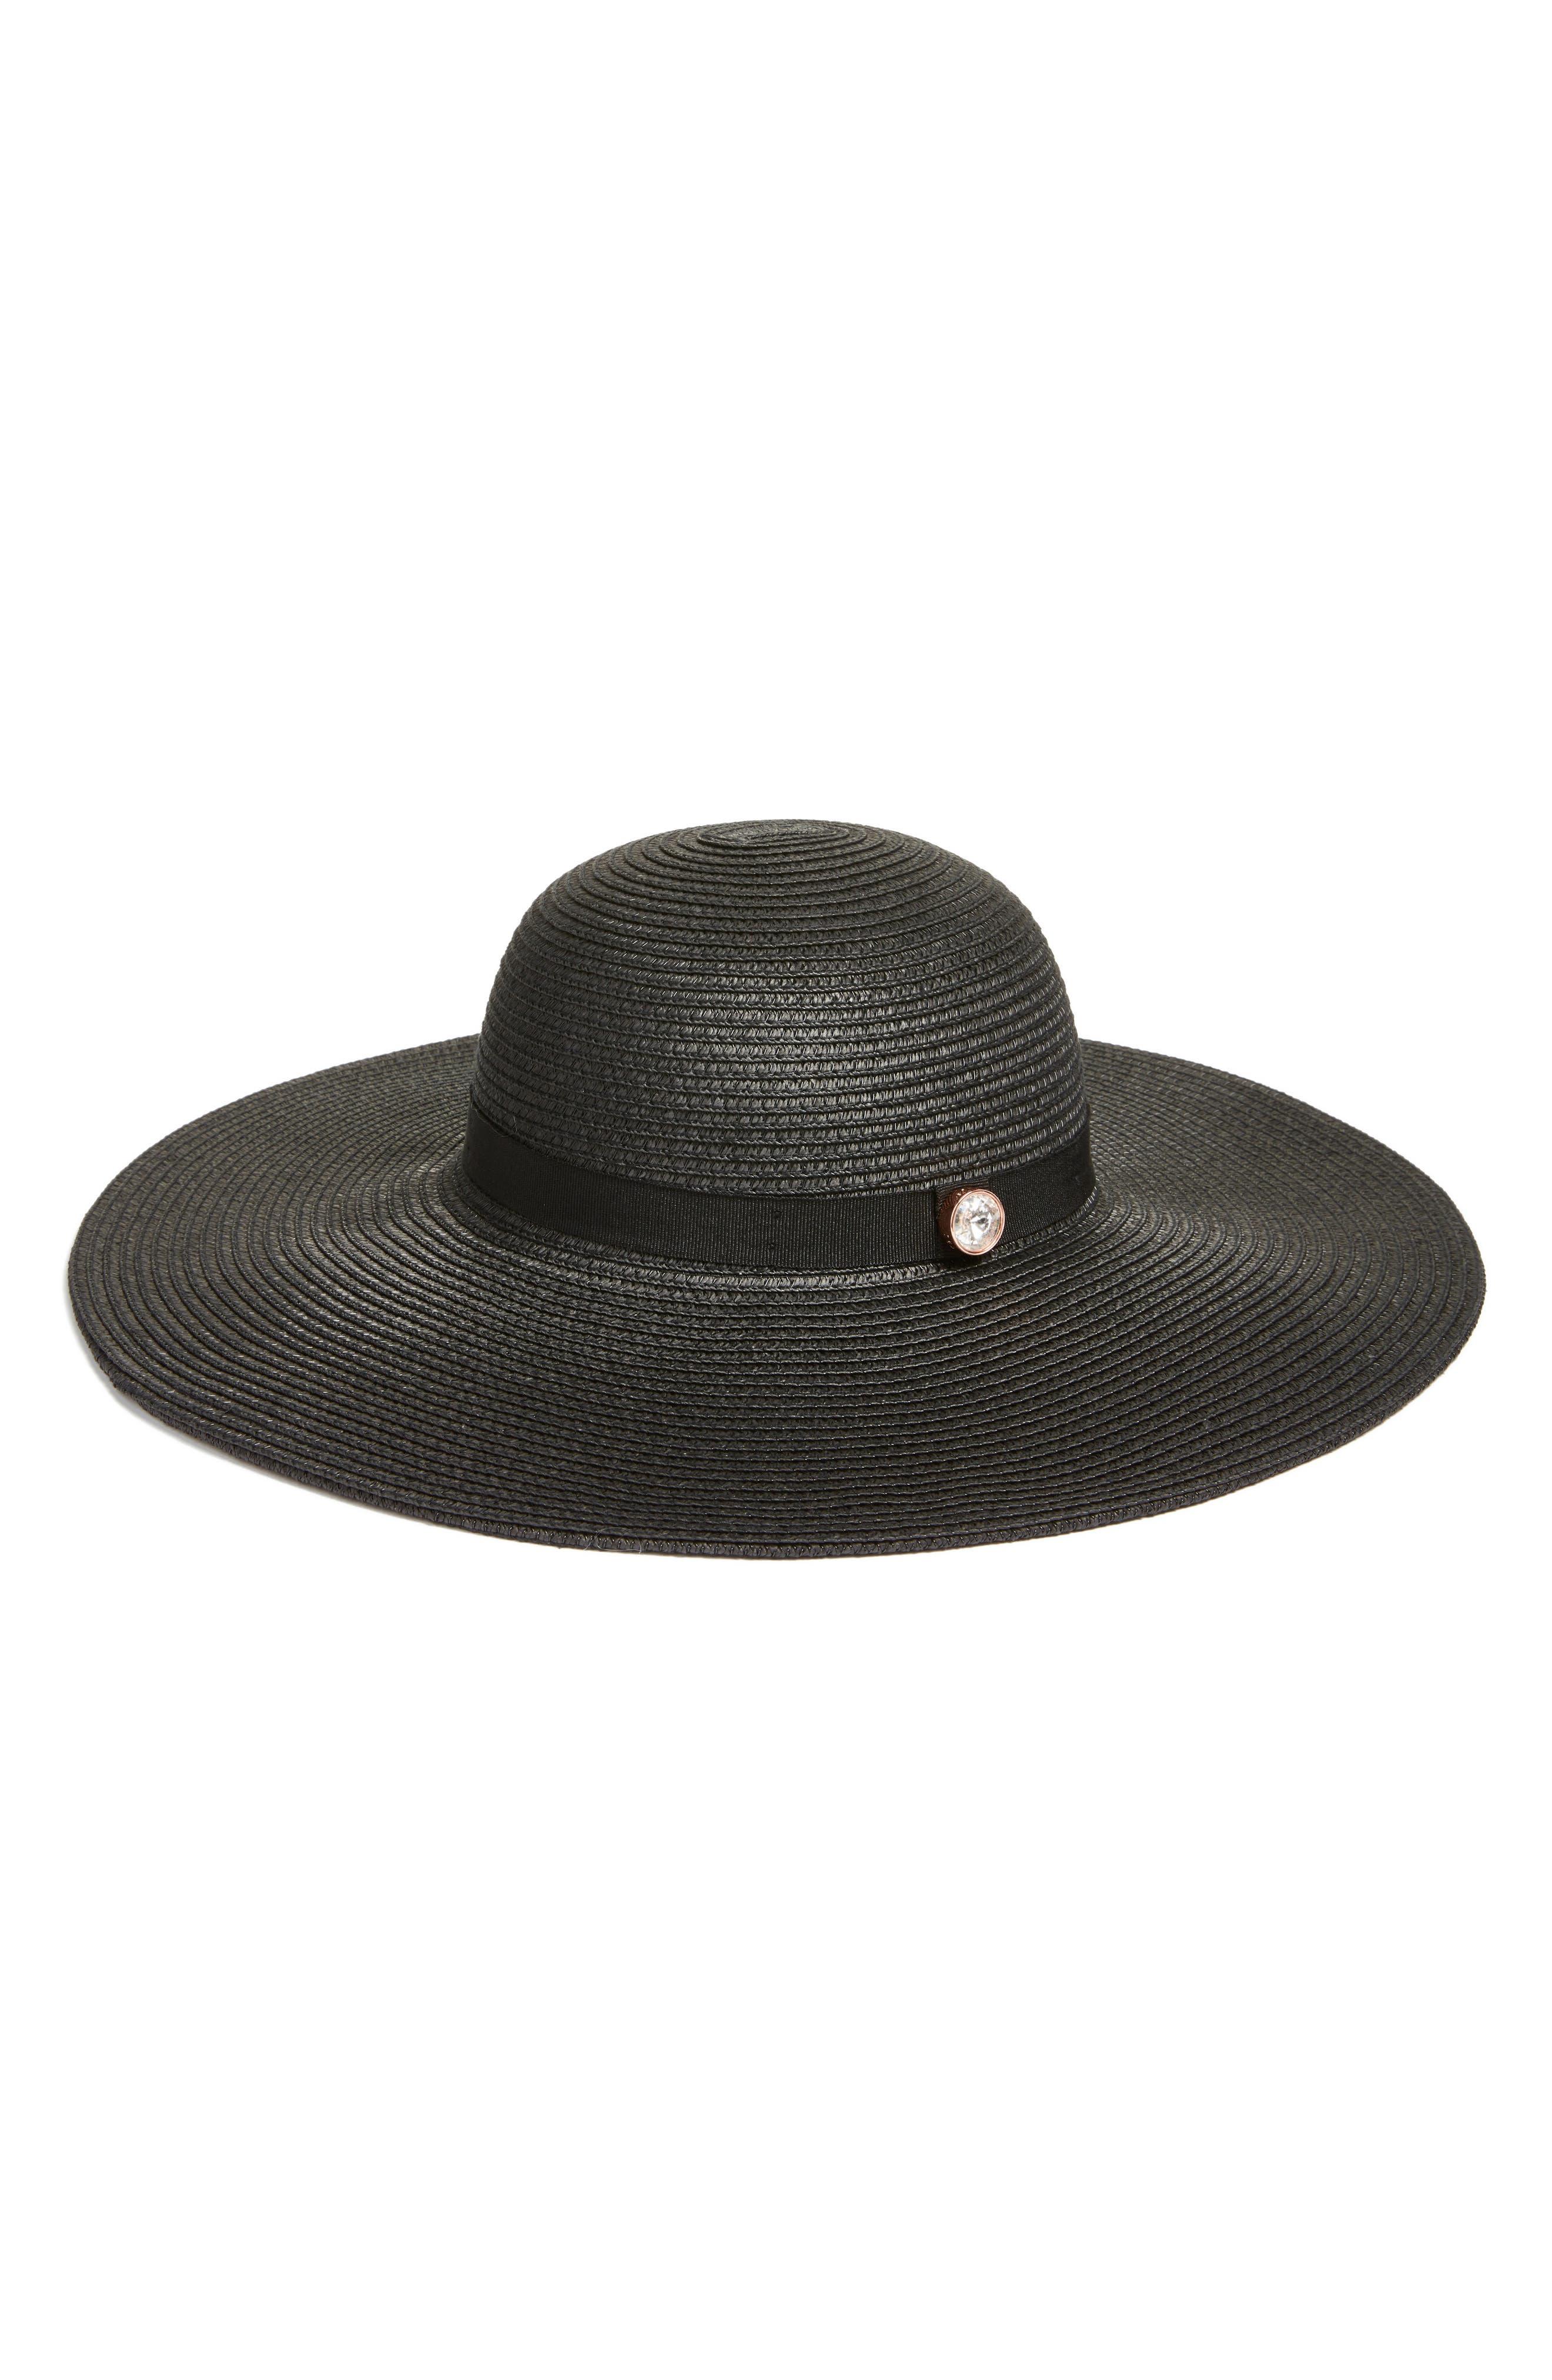 Theasa Straw Hat,                             Main thumbnail 1, color,                             Black